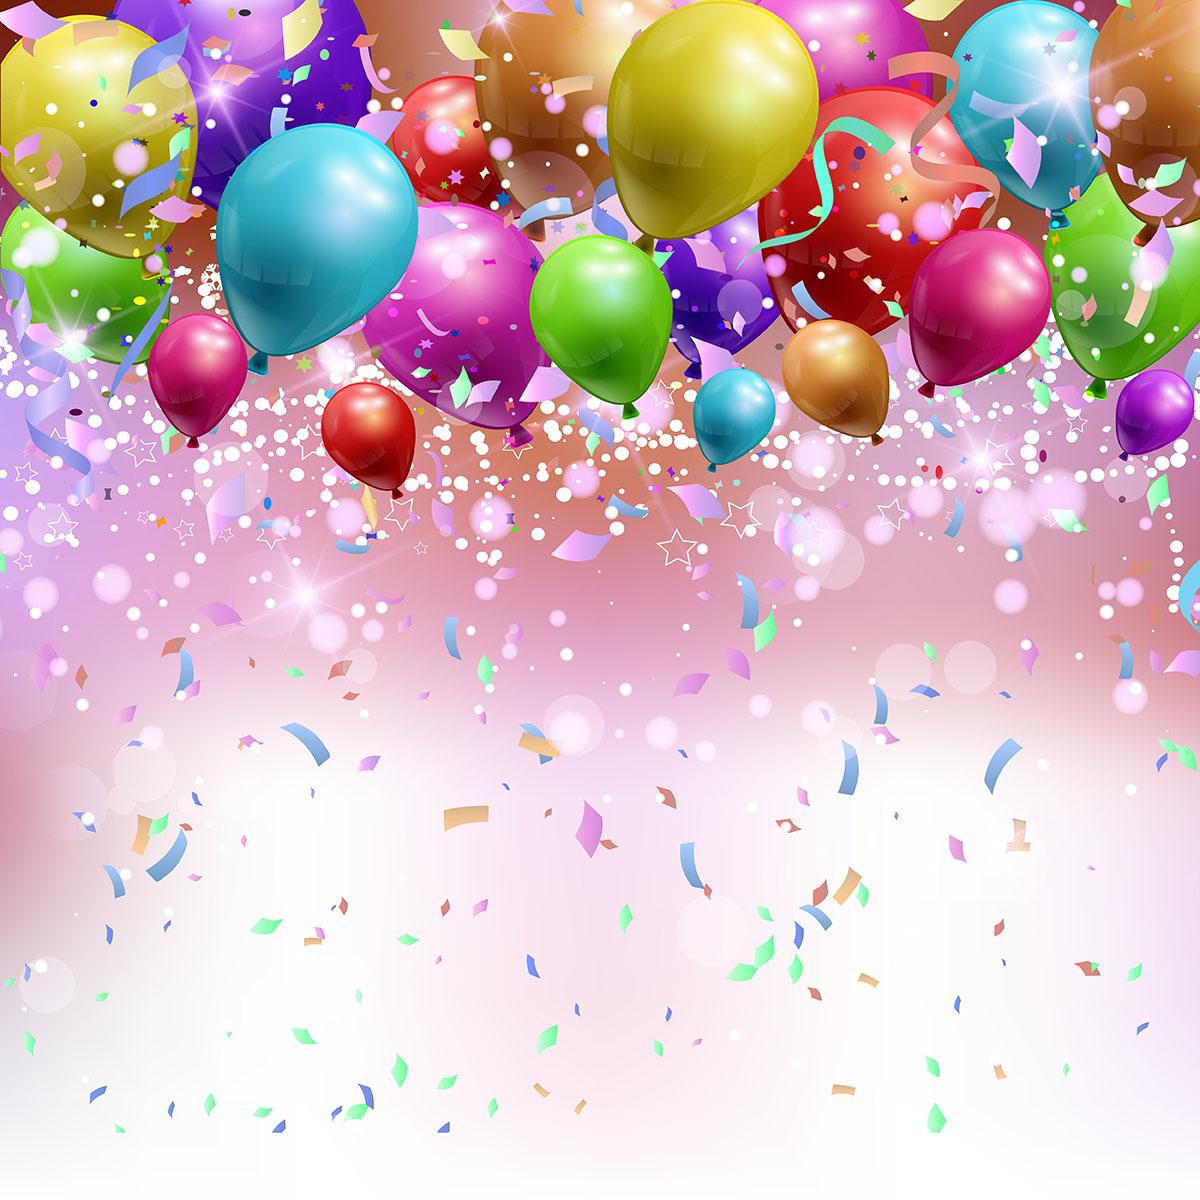 1200x1200 Party Confetti Free Vector Art